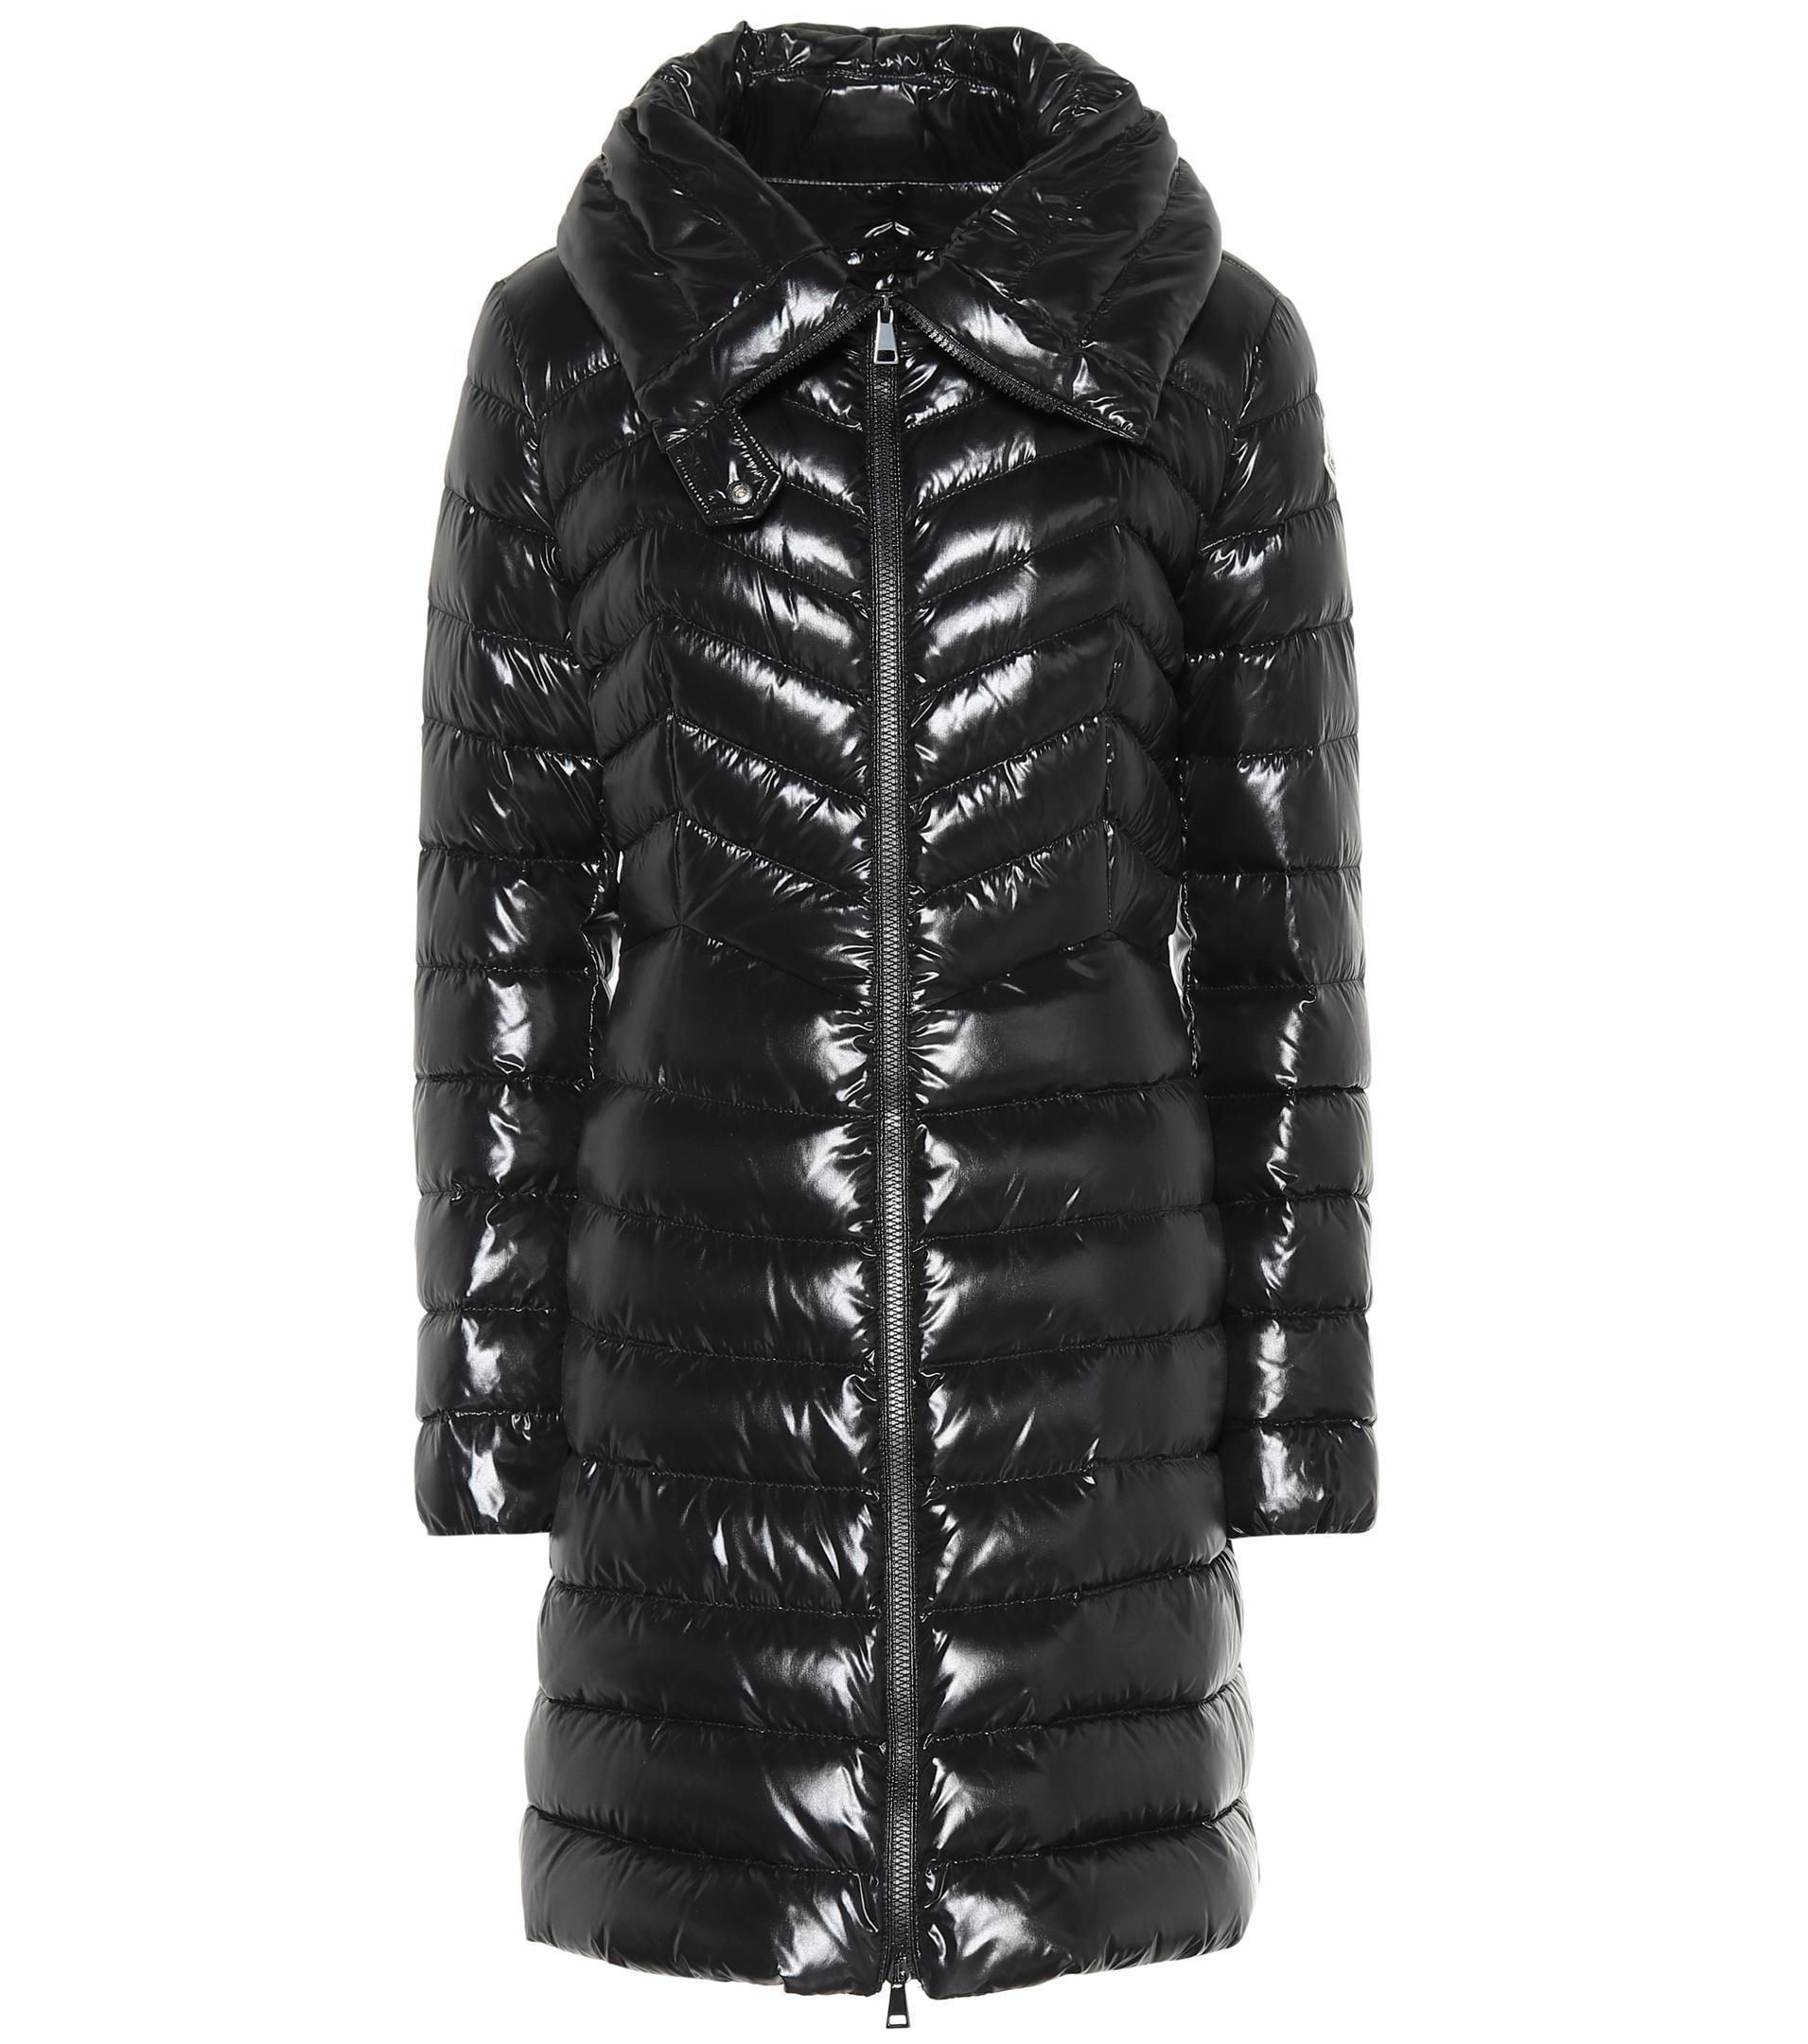 Noir en doudoune Faucon Manteau coloris Lyst Moncler xPYATIwqw